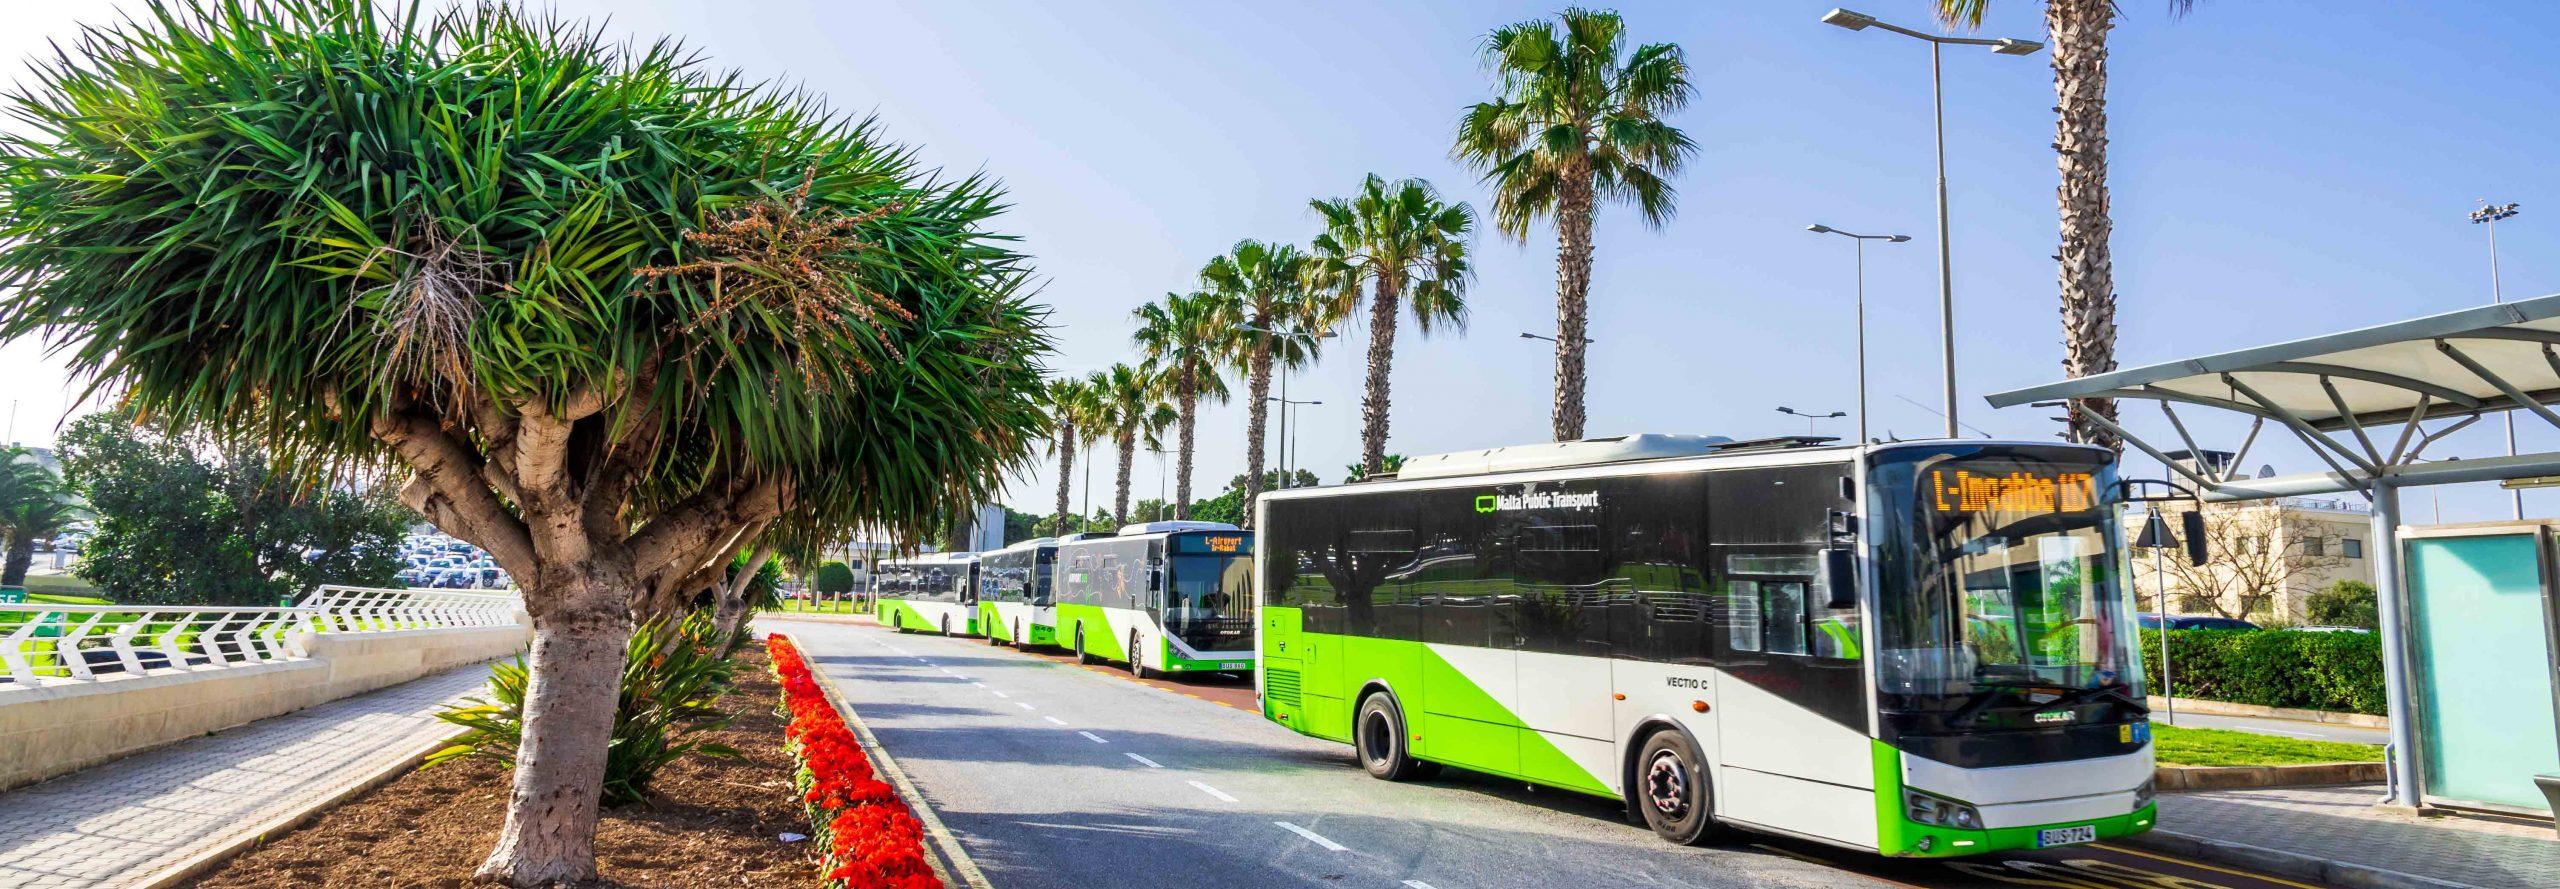 Transporte em Malta: tudo o que você precisa saber